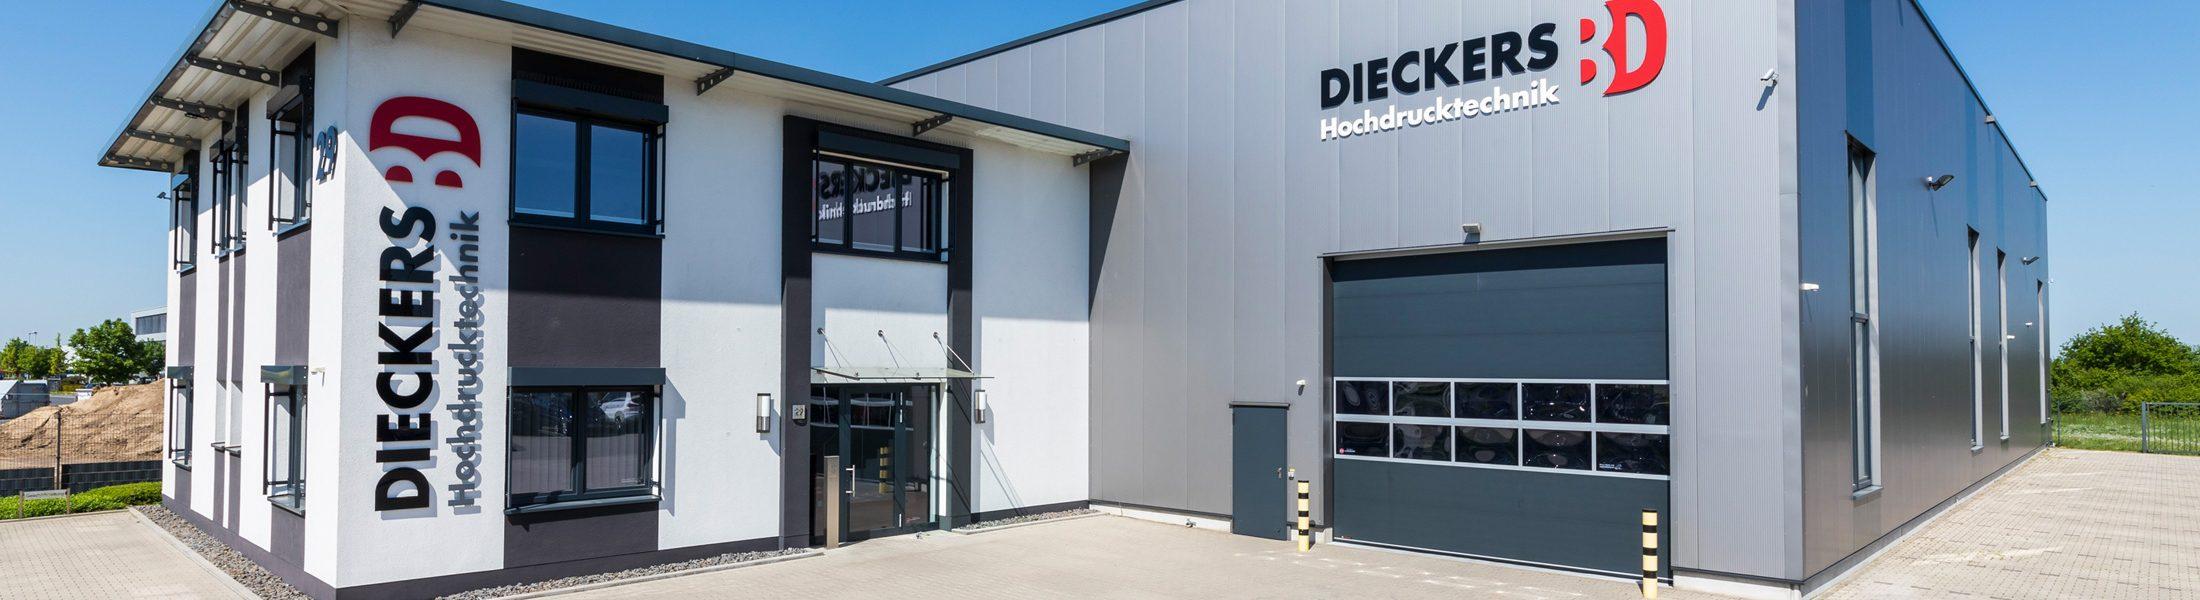 Firmengebäude Dieckers GmbH & CO. KG